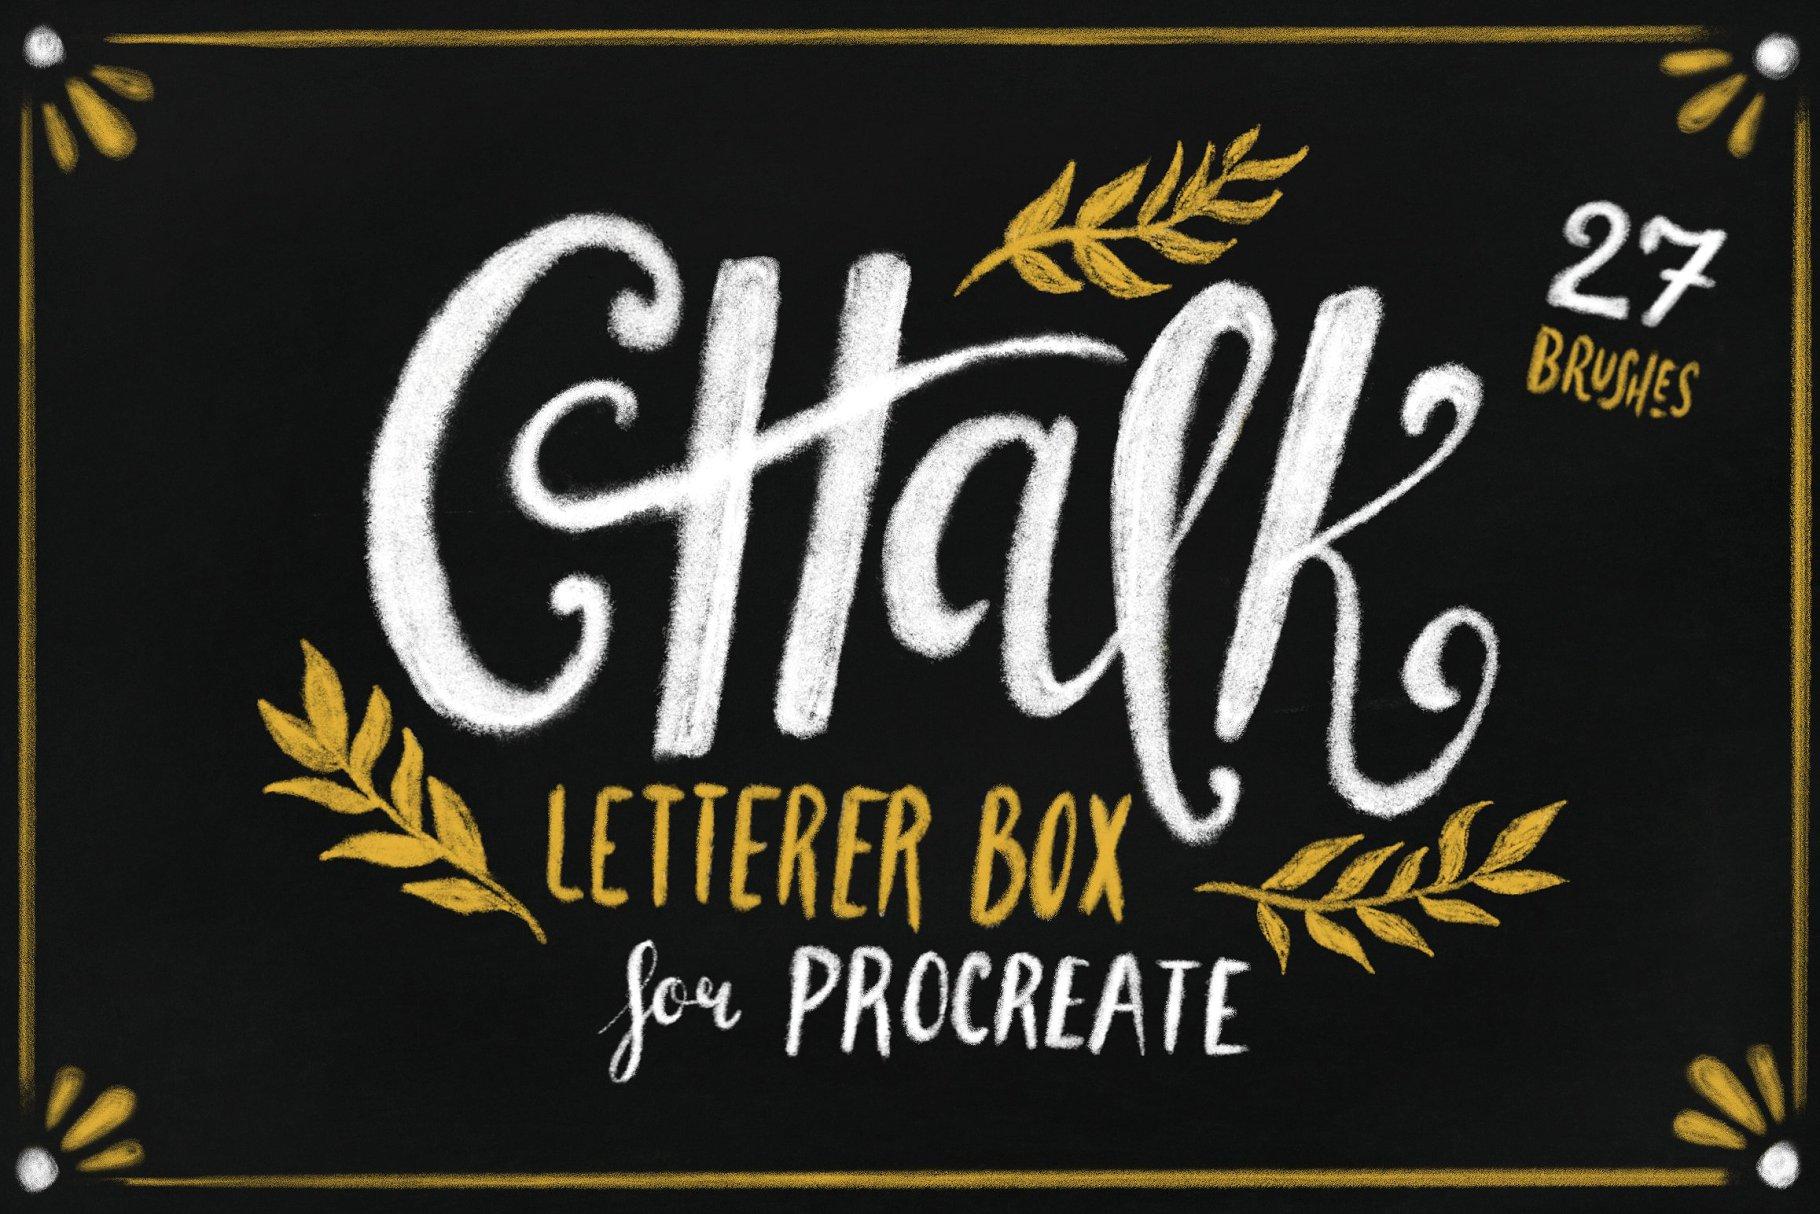 粉笔笔刷素材纹理 Chalk Letterer Box for Procreate设计素材模板